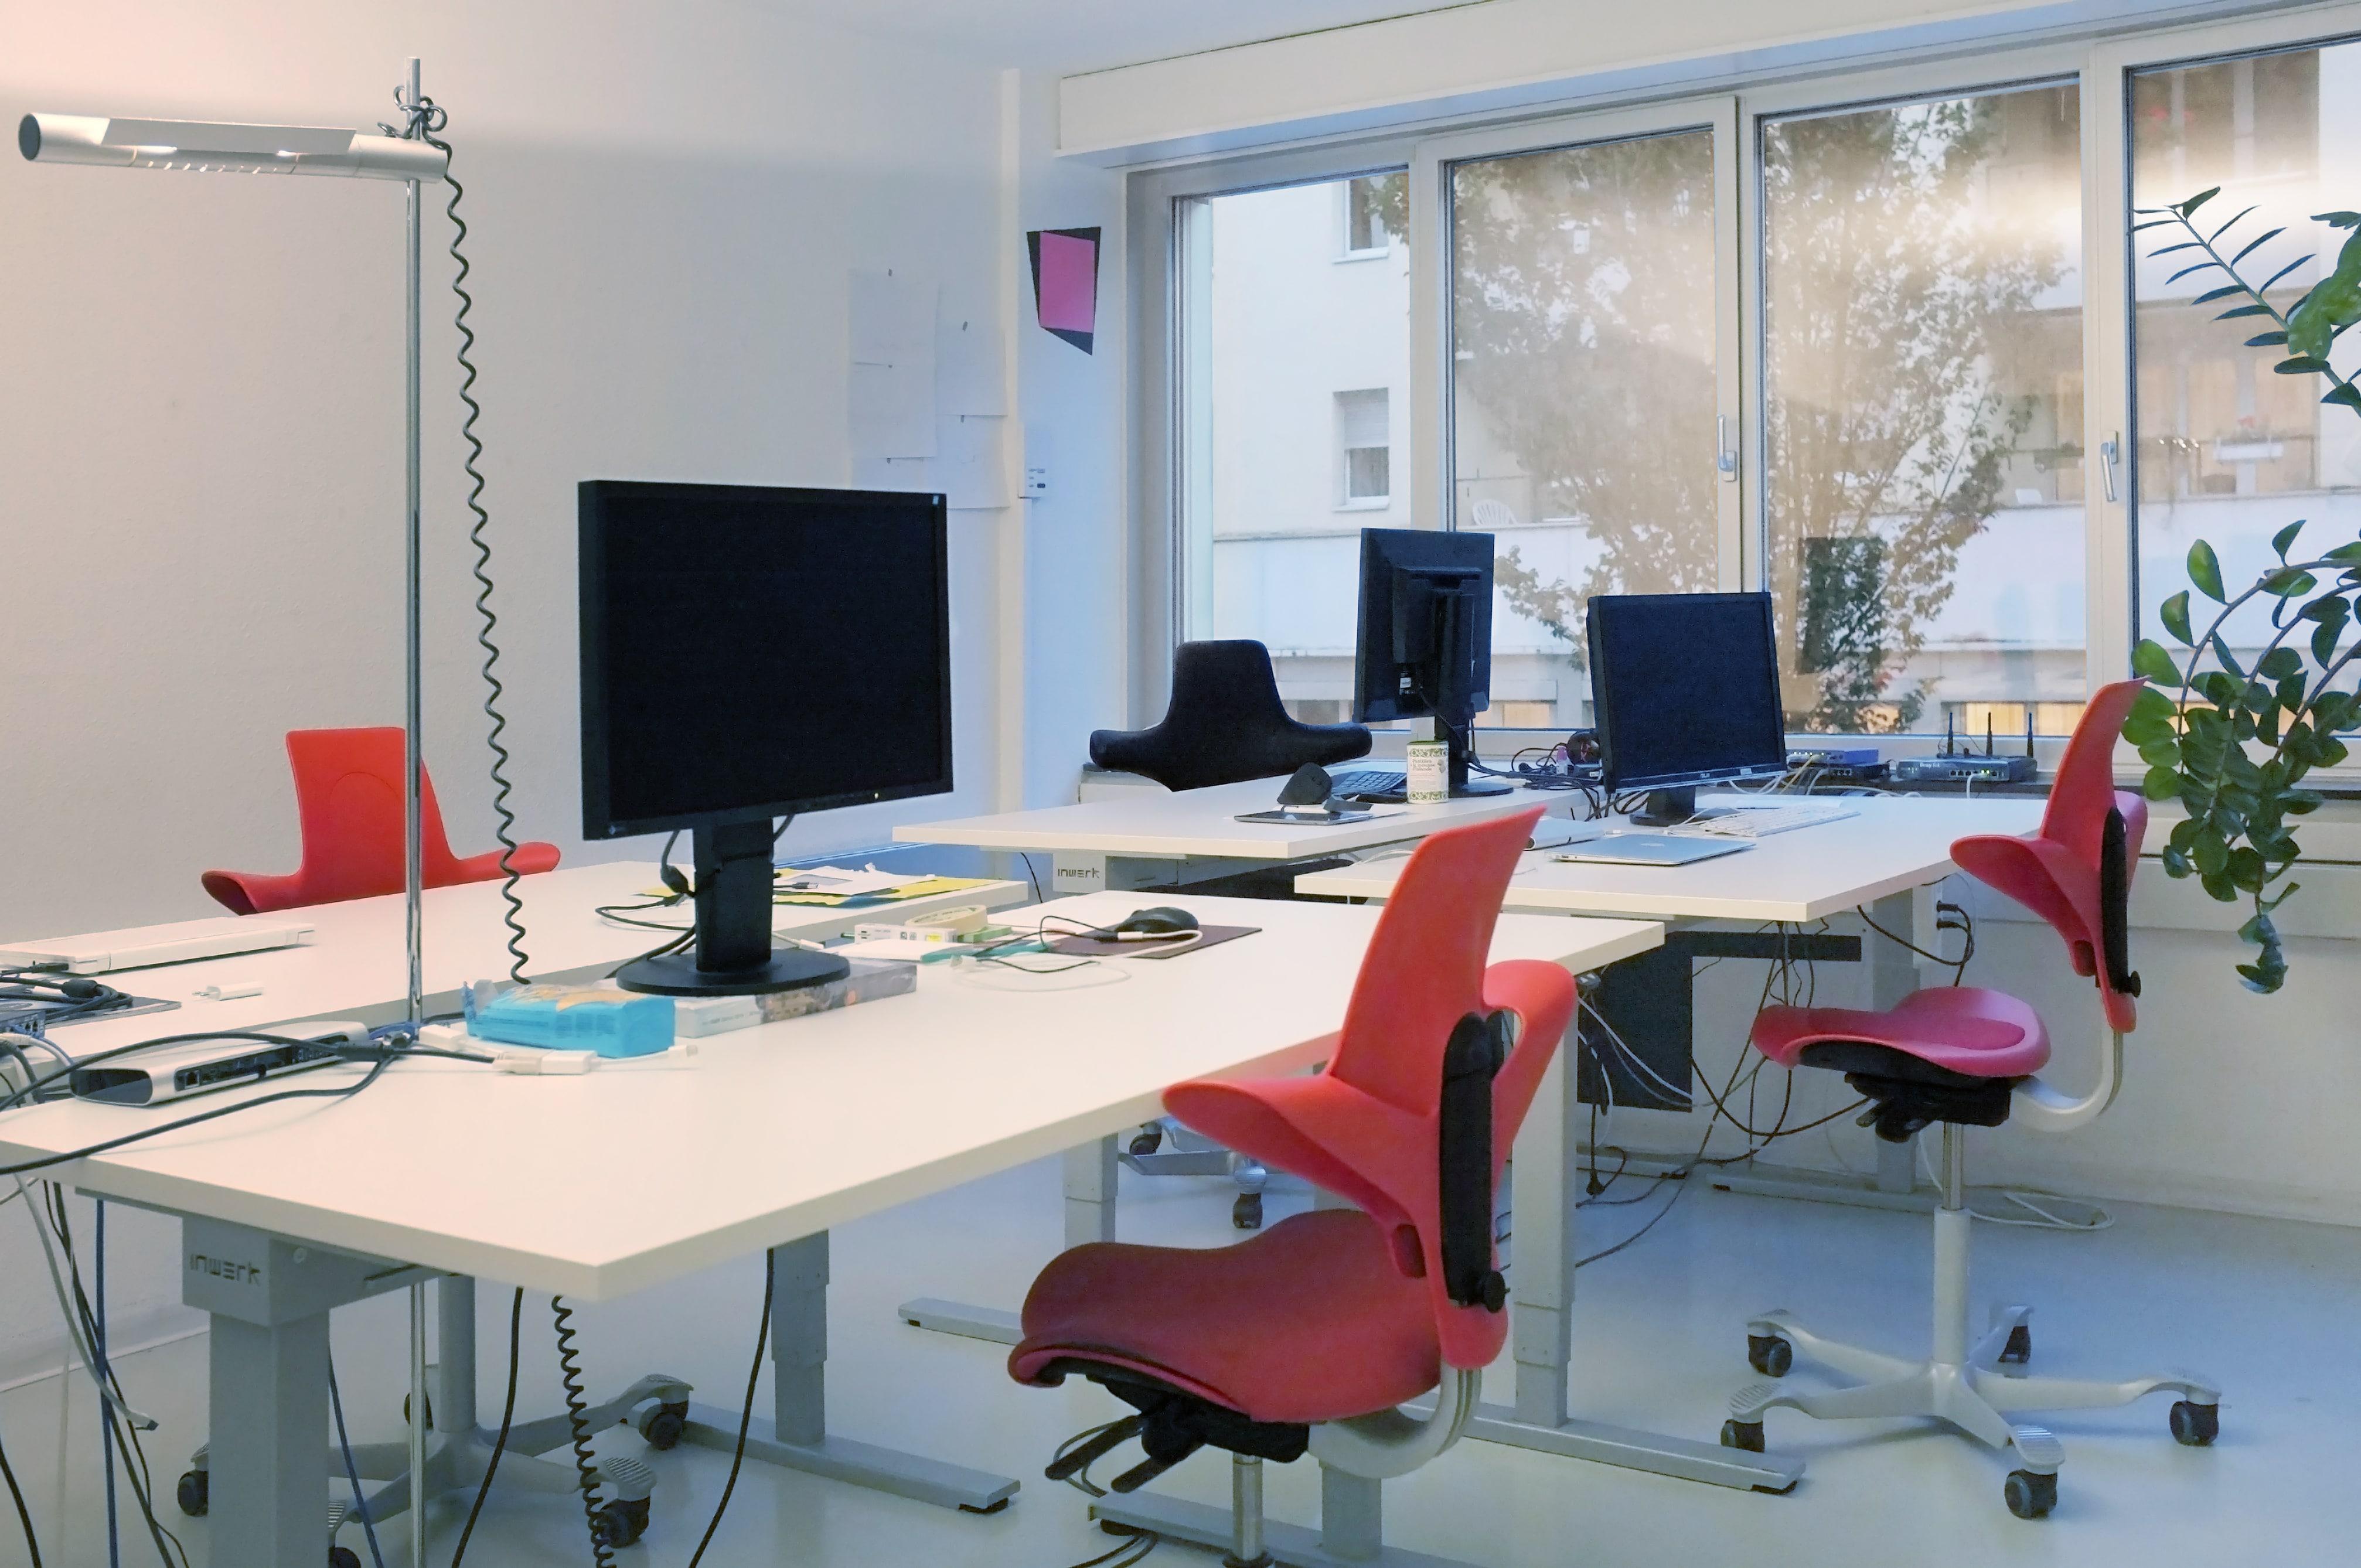 Kreativ Büro mieten Arbeitsplätze, Rent Desk, Webdesign, Web agency, Innovation, Schmiede Wiedikon, Zürich Kreis 3